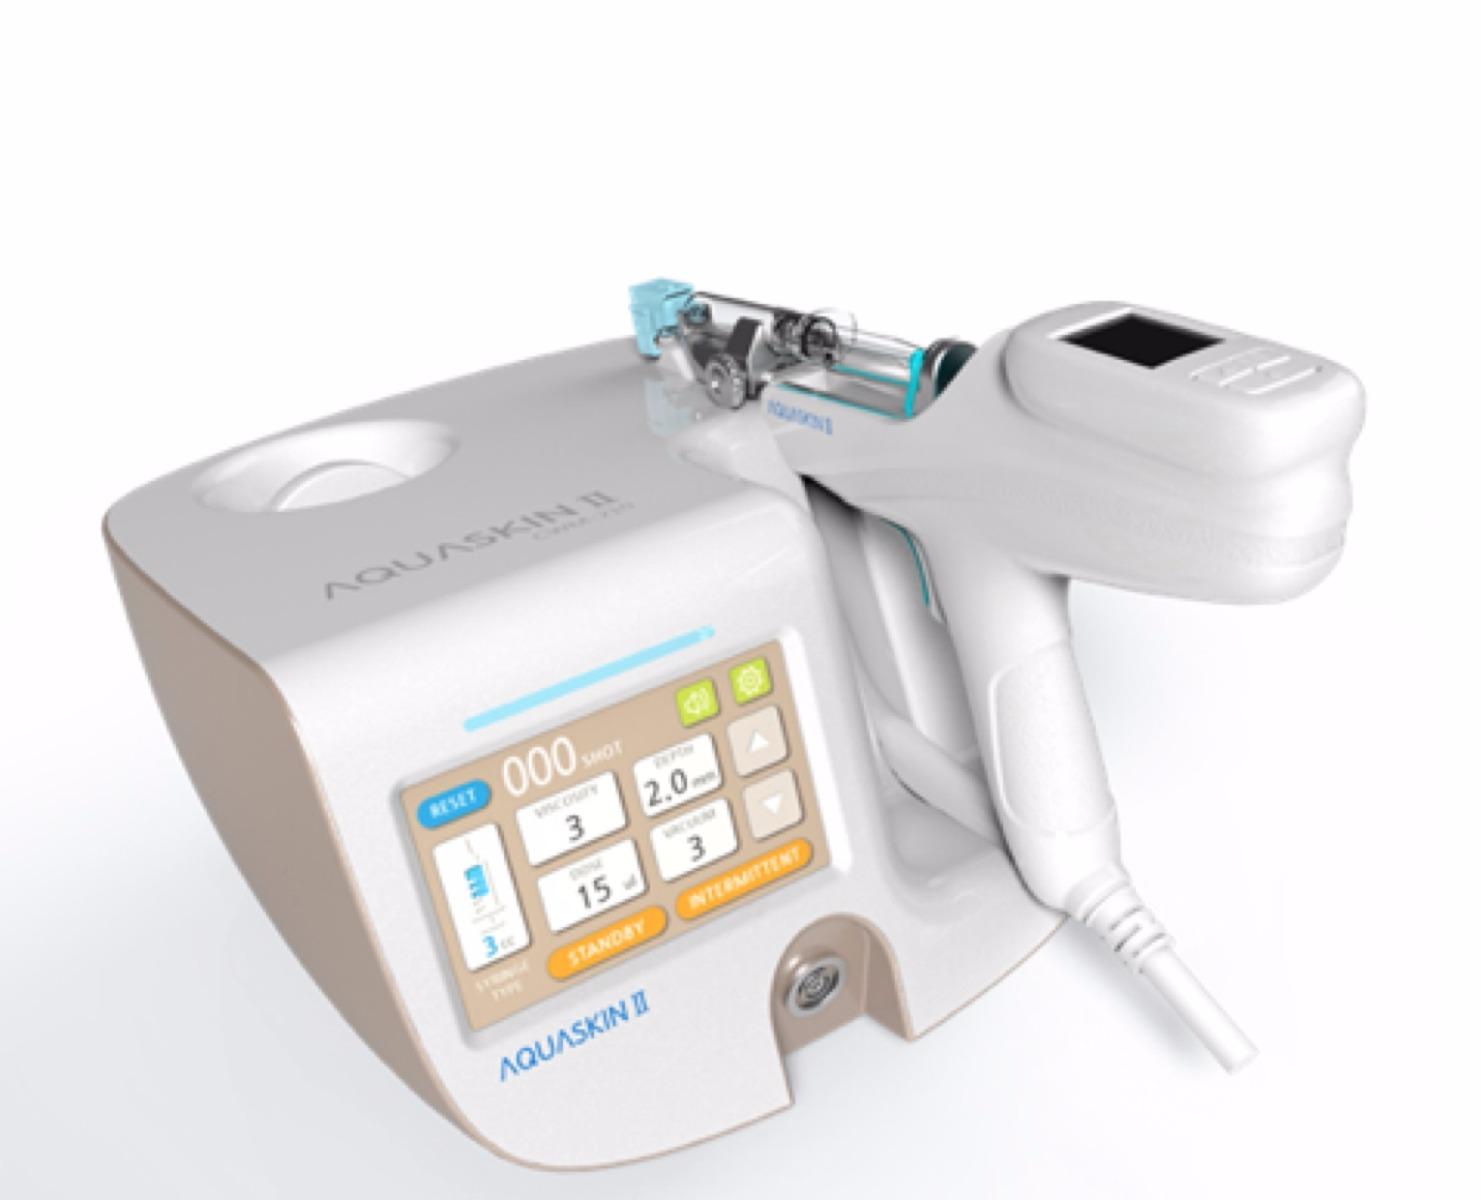 Công nghệ MesoGun nuôi dưỡng da từ sâu dưới lớp biểu bì, điều trị da dưỡng trắng, căng mịn, điều trị nám, trẻ lão hóa hiệu quả an toàn nhanh chóng.